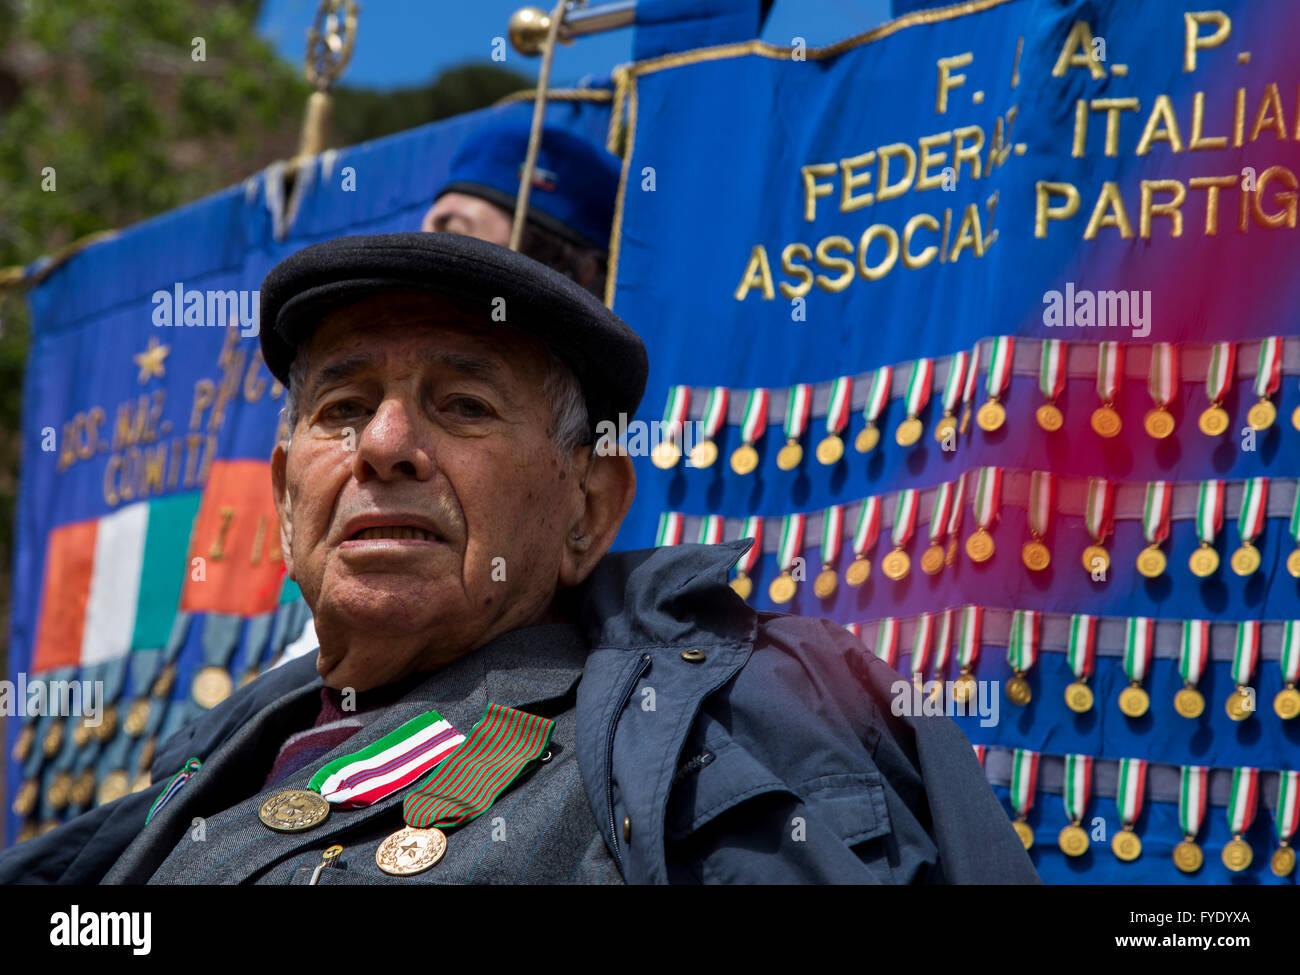 festa della liberazione - photo #29